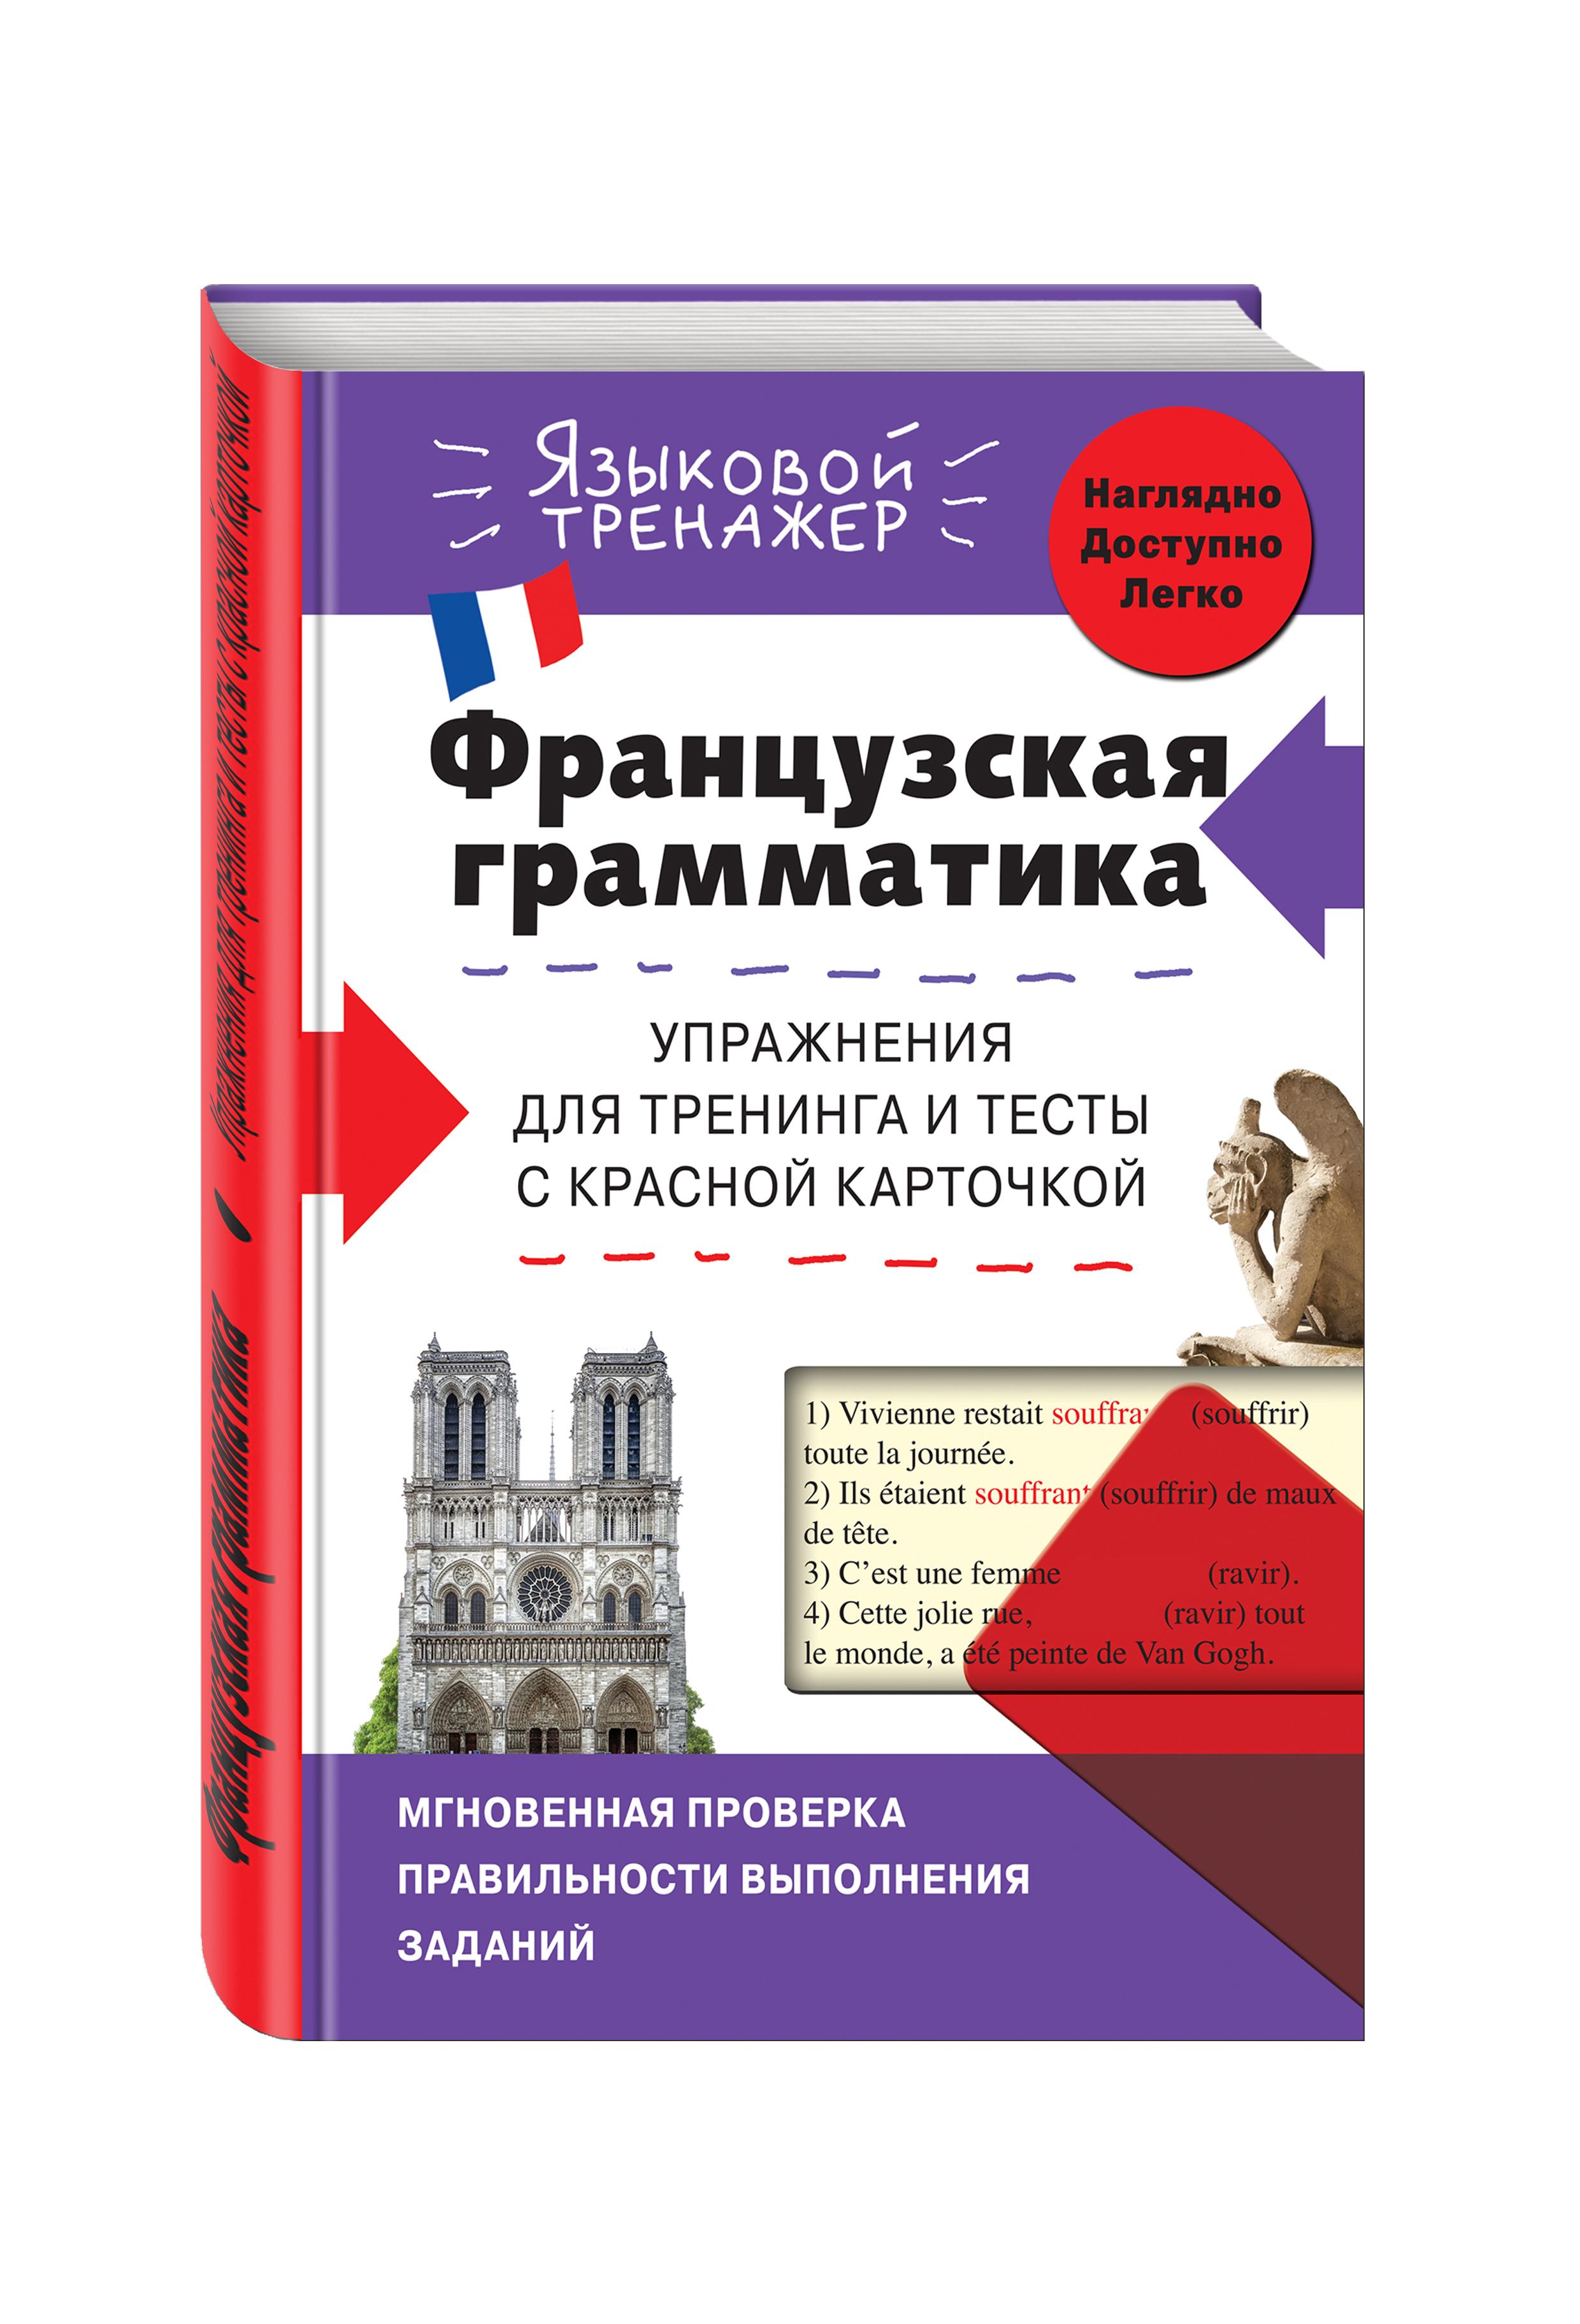 Французская грамматика. Упражнения для тренинга и тесты с красной карточкой ( Кобринец О.С.  )